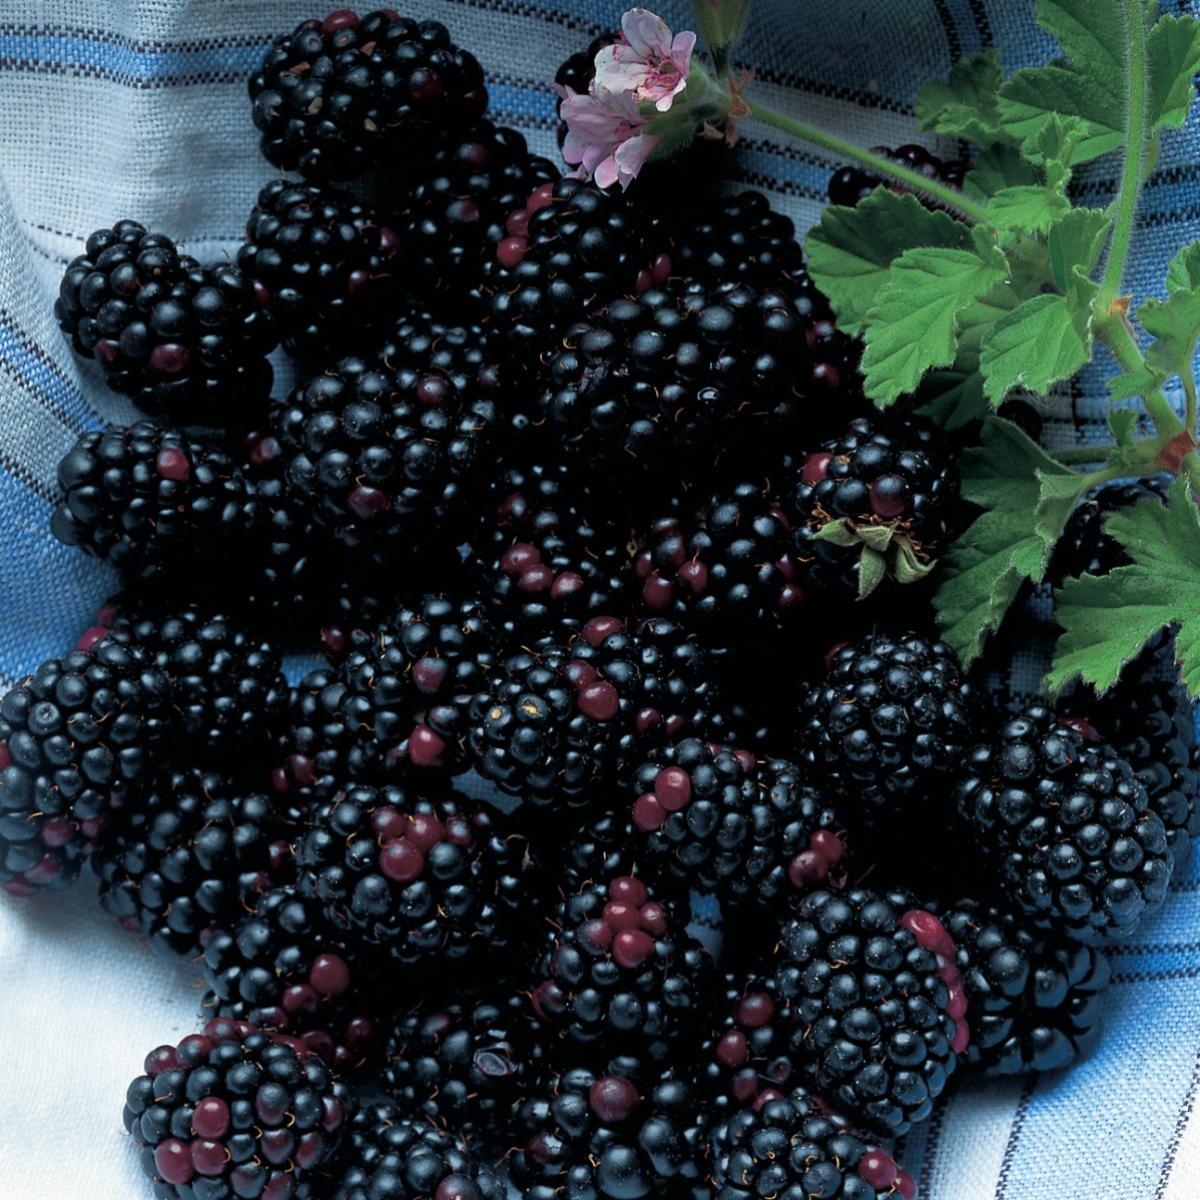 Ingredient vegetarian blackberries